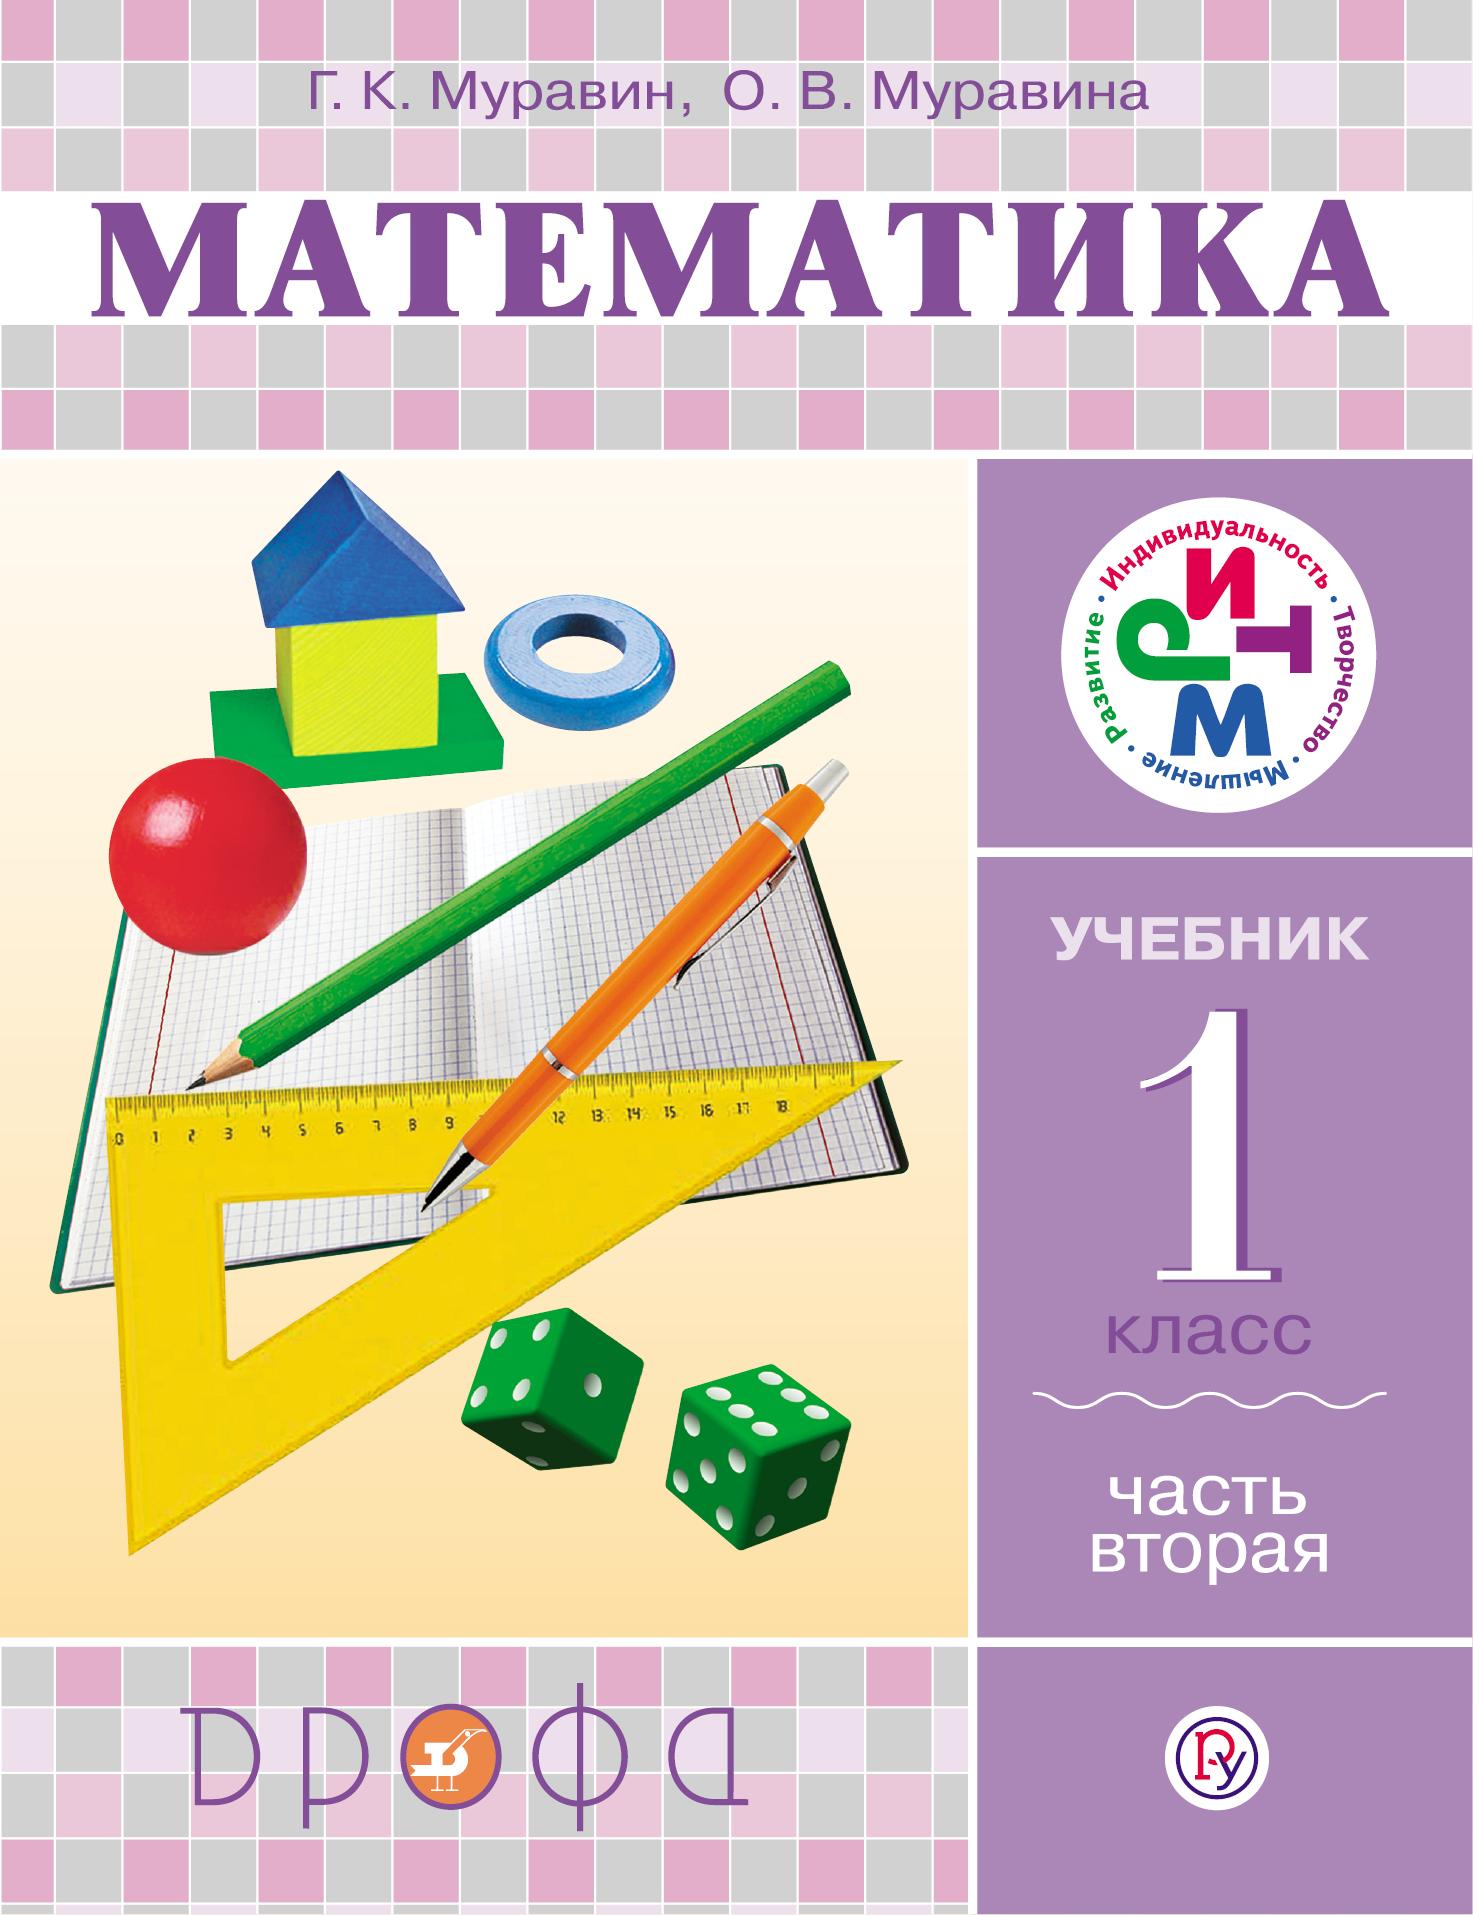 Г. К. Муравин, О. В. Муравина Математика. 1 класс. Учебник. В 2 частях. Часть 2 г к муравин о в муравина математика 3 класс учебник в 2 частях часть 1